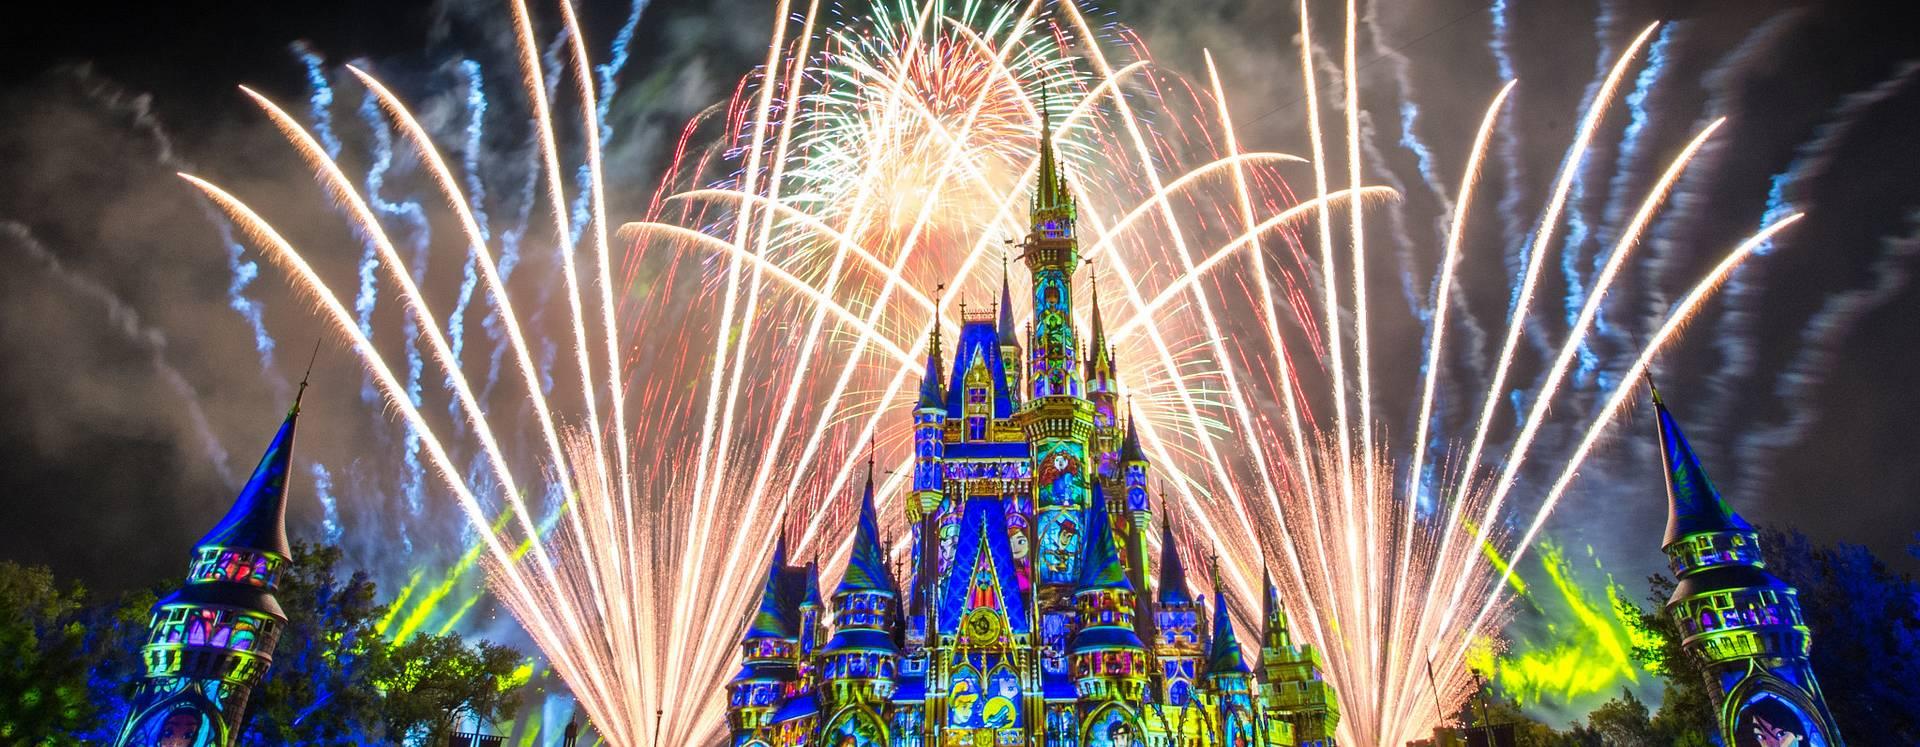 Spectacular fireworks over Cinderella's Castle at Walt Disney World Resort